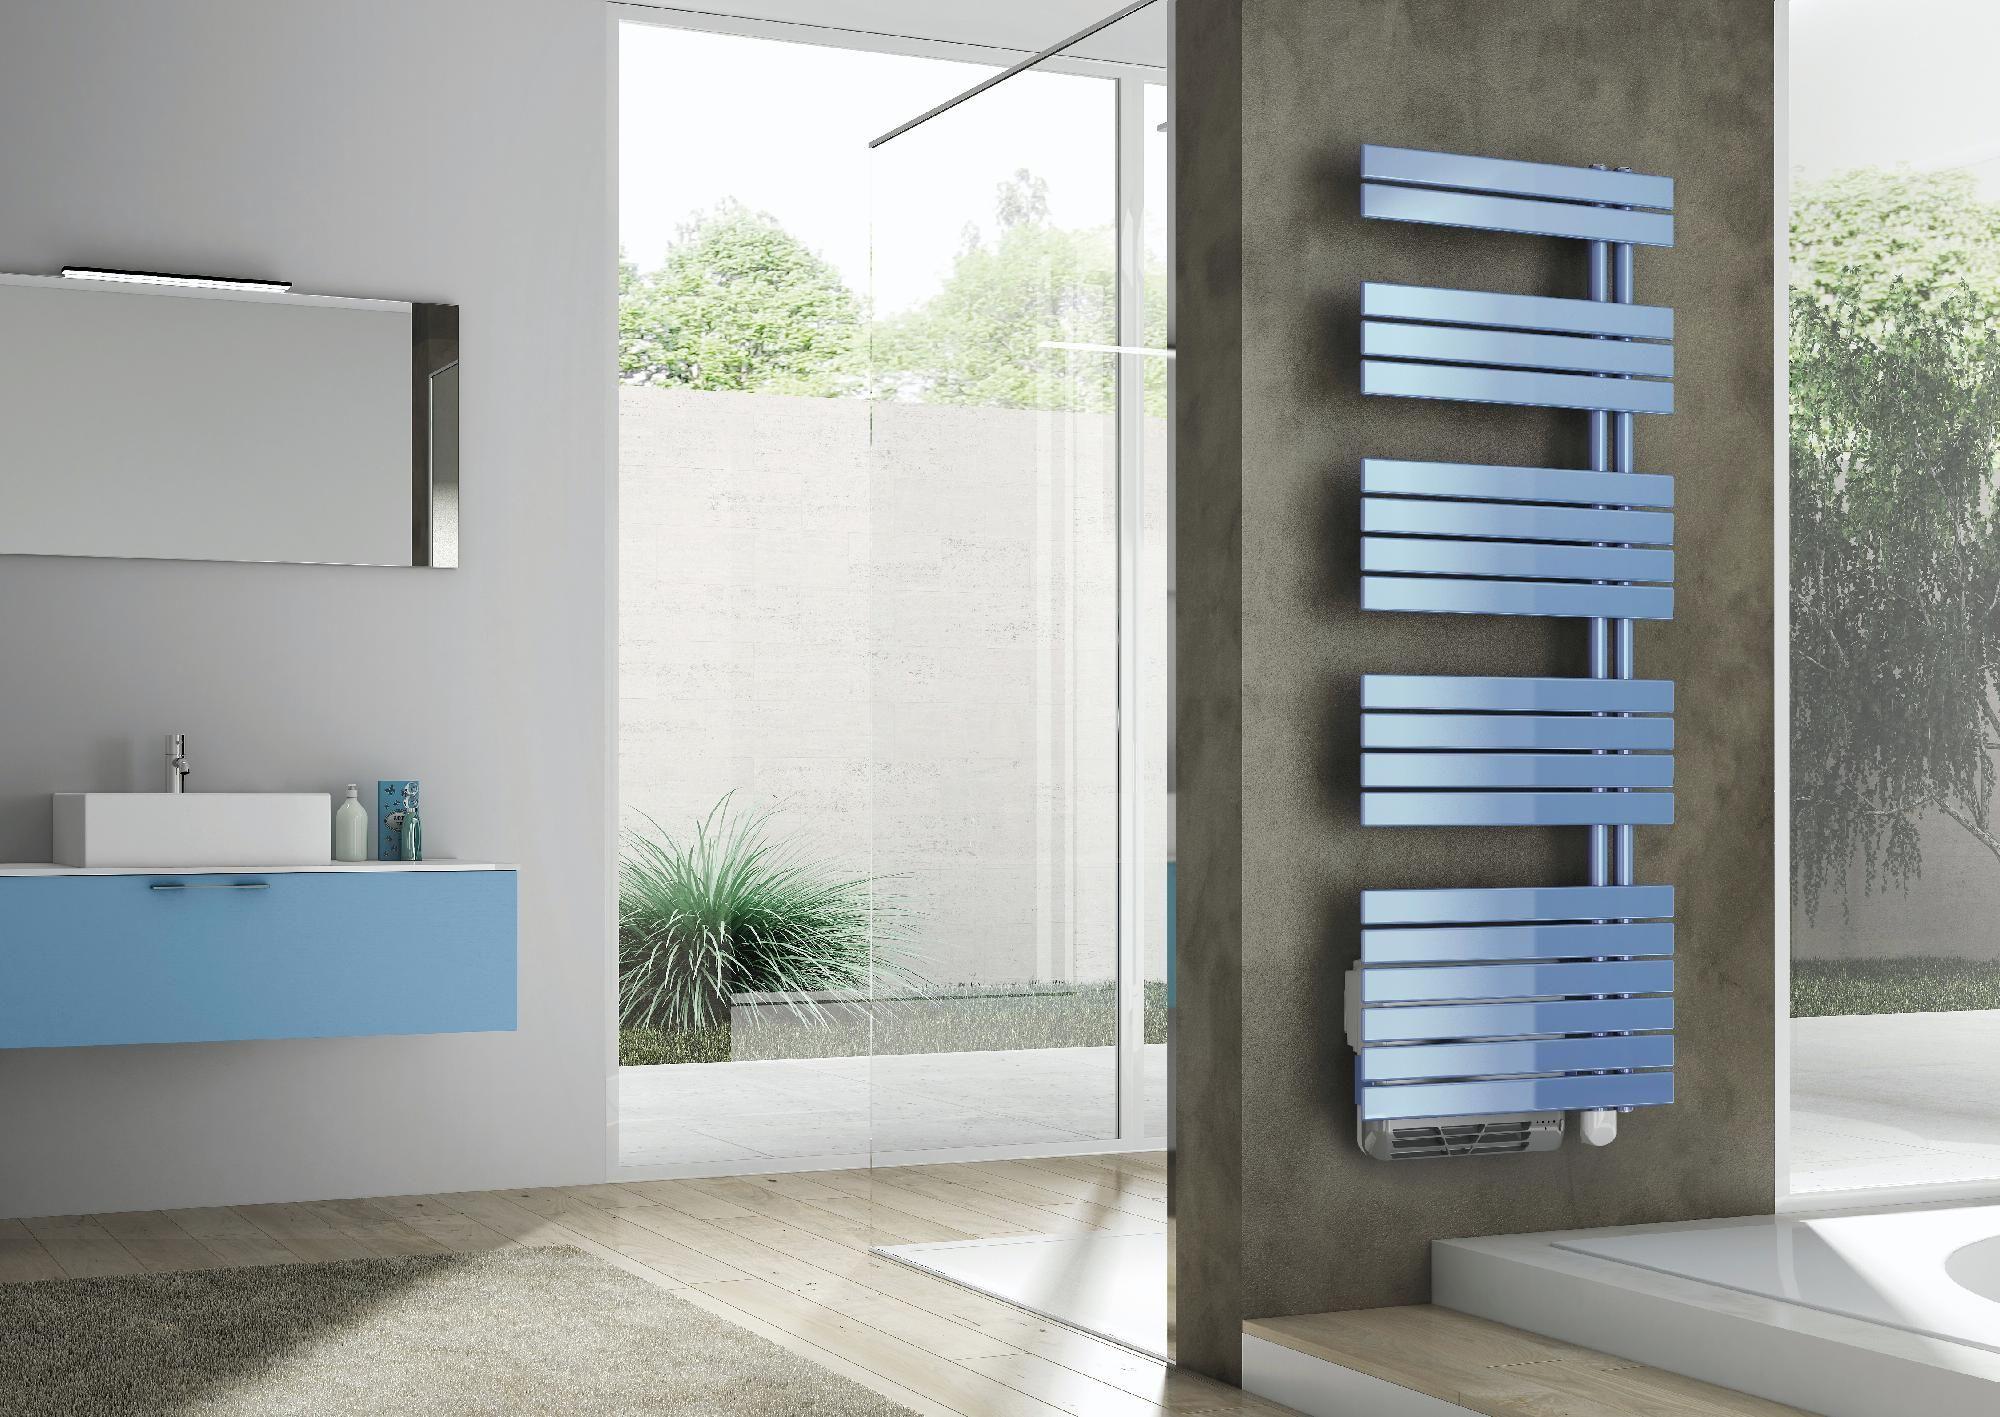 Puissance Radiateur Eau Chaude Salle De Bain ~ embellissez votre salle de bain avec un radiateur s che serviette